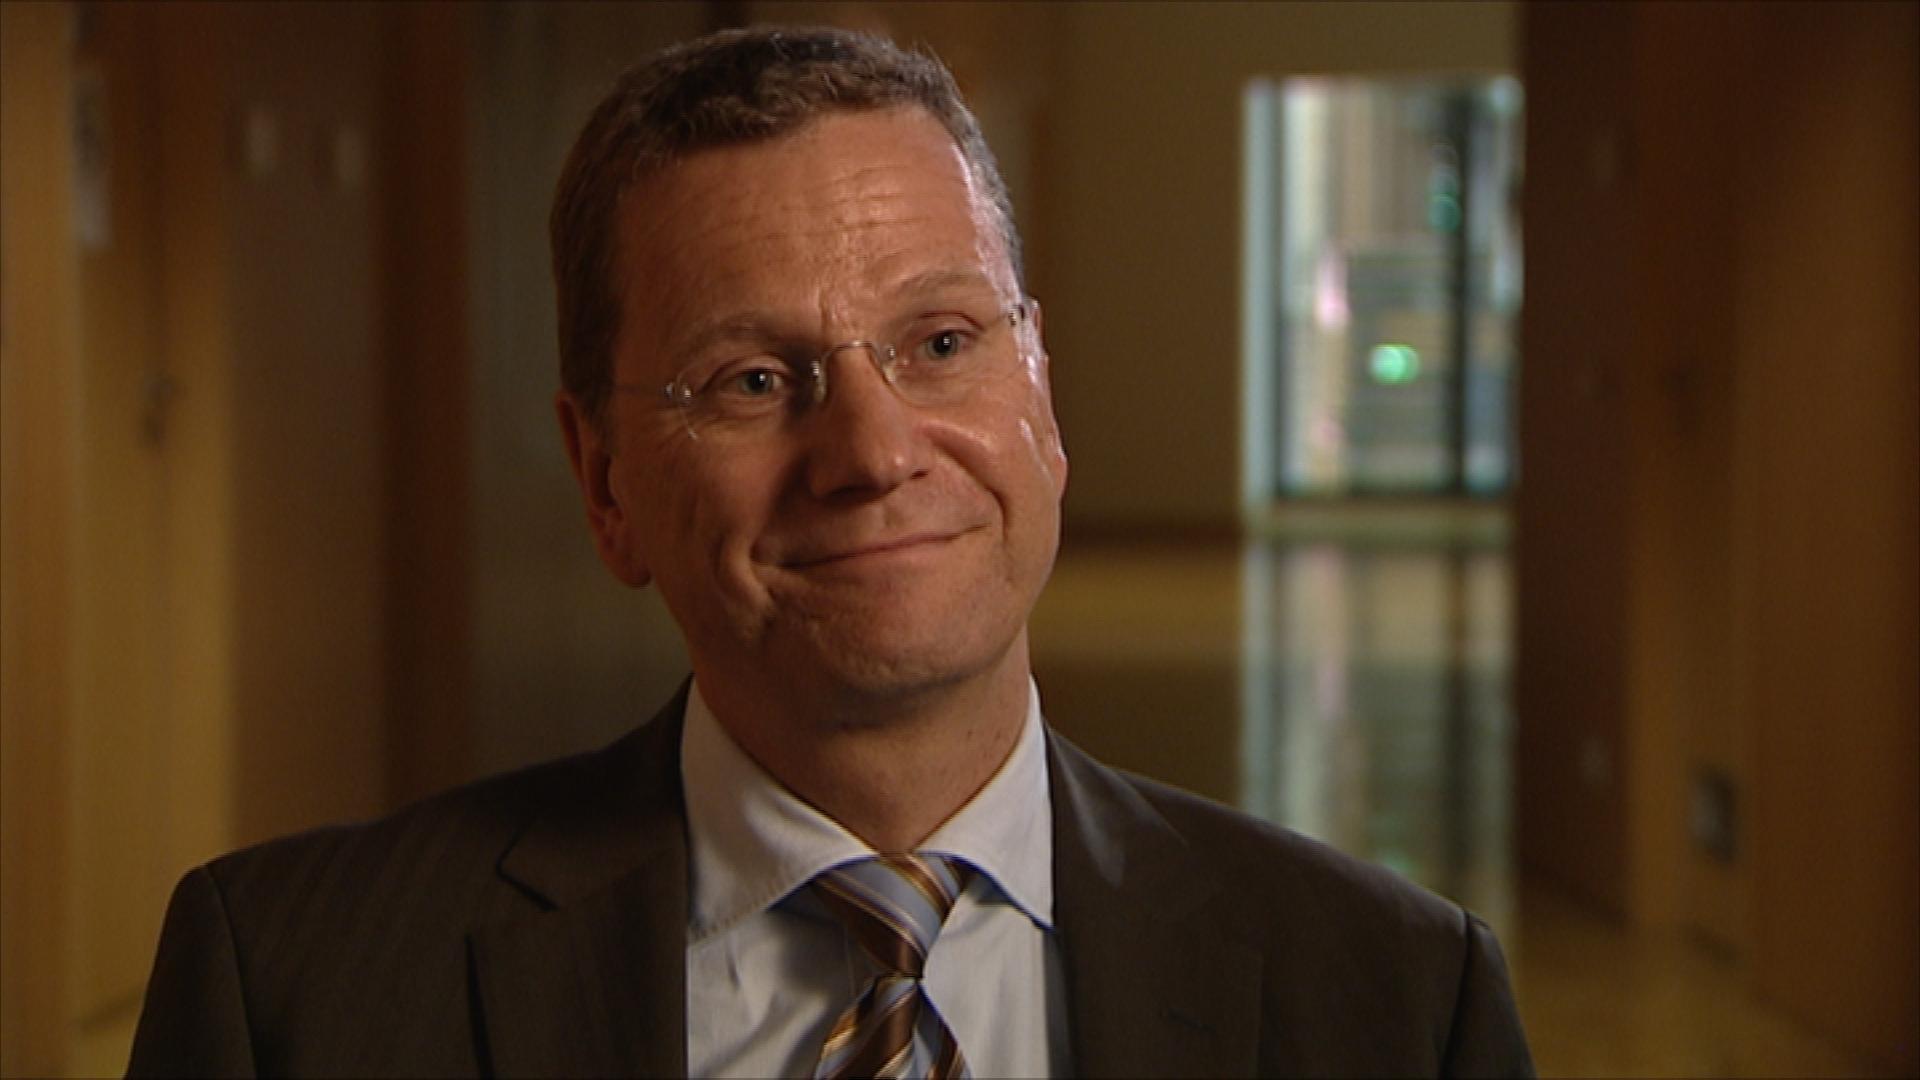 Interview mit dem ehemaligen Außenminister Guide Westerwelle (2007)